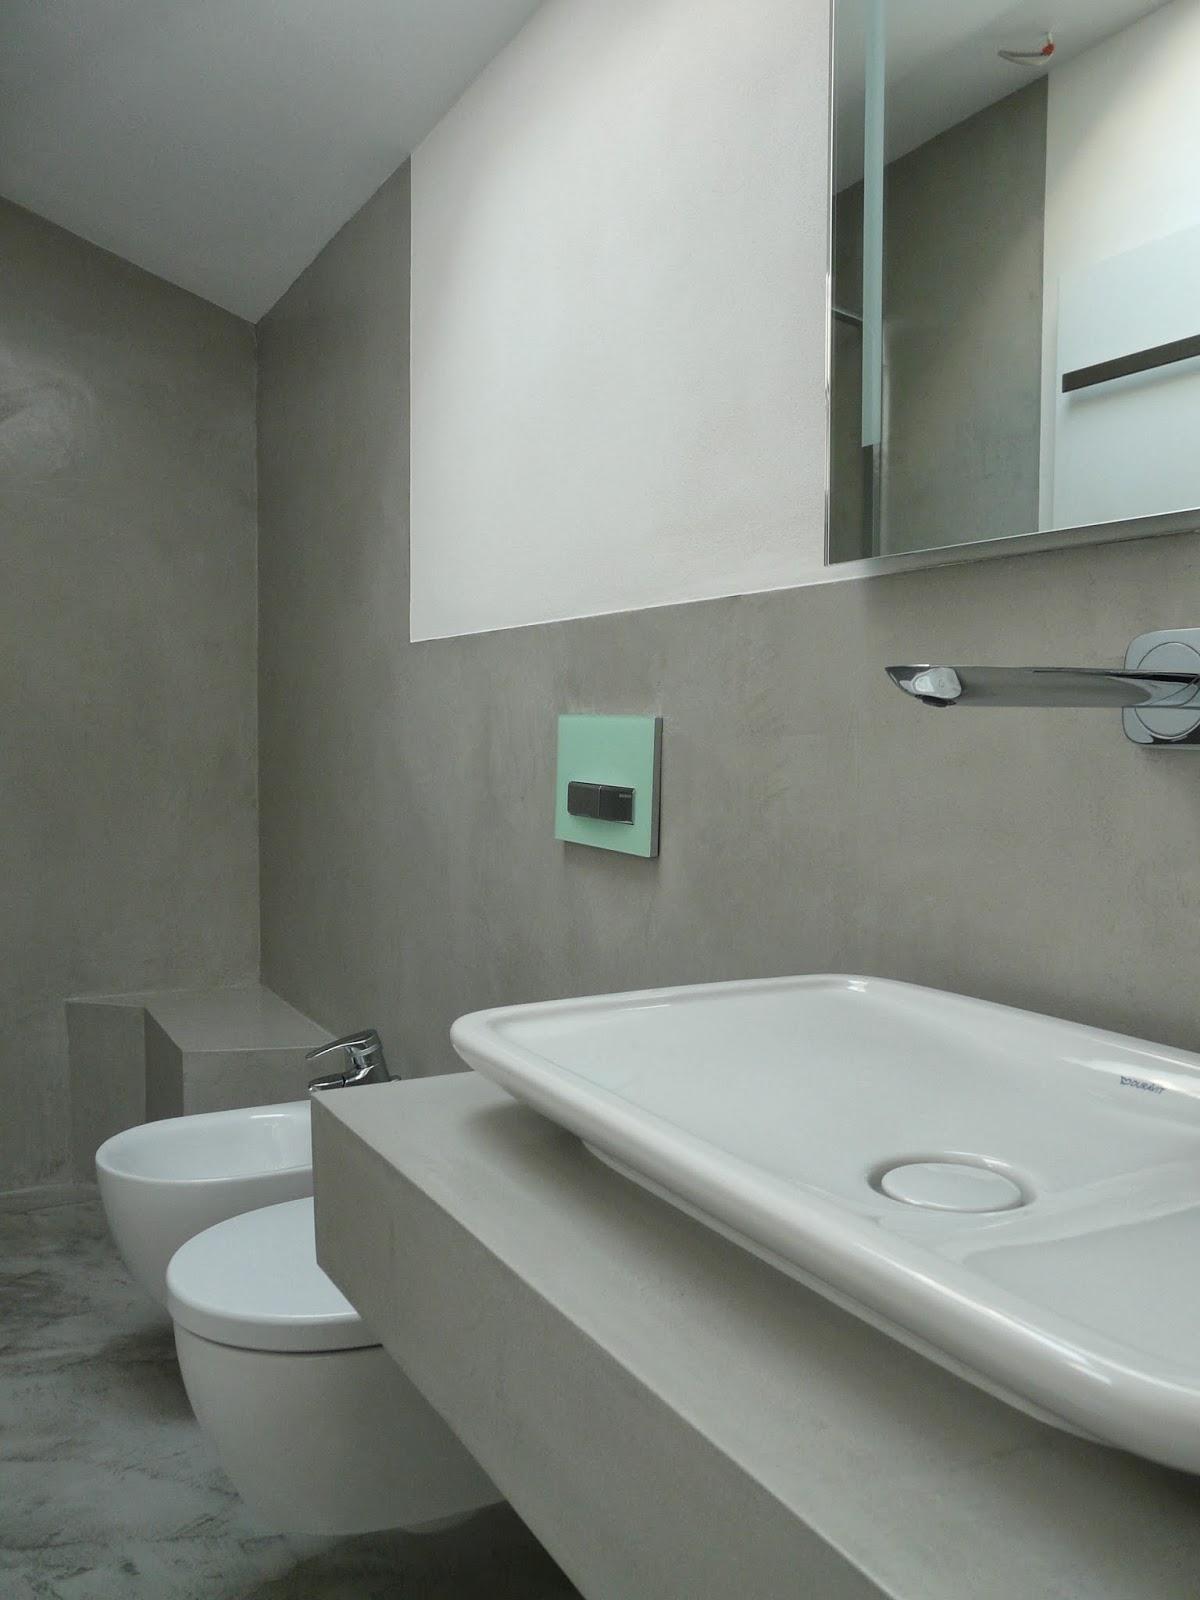 Wand-Wohndesign-Beton-Cire: 2013